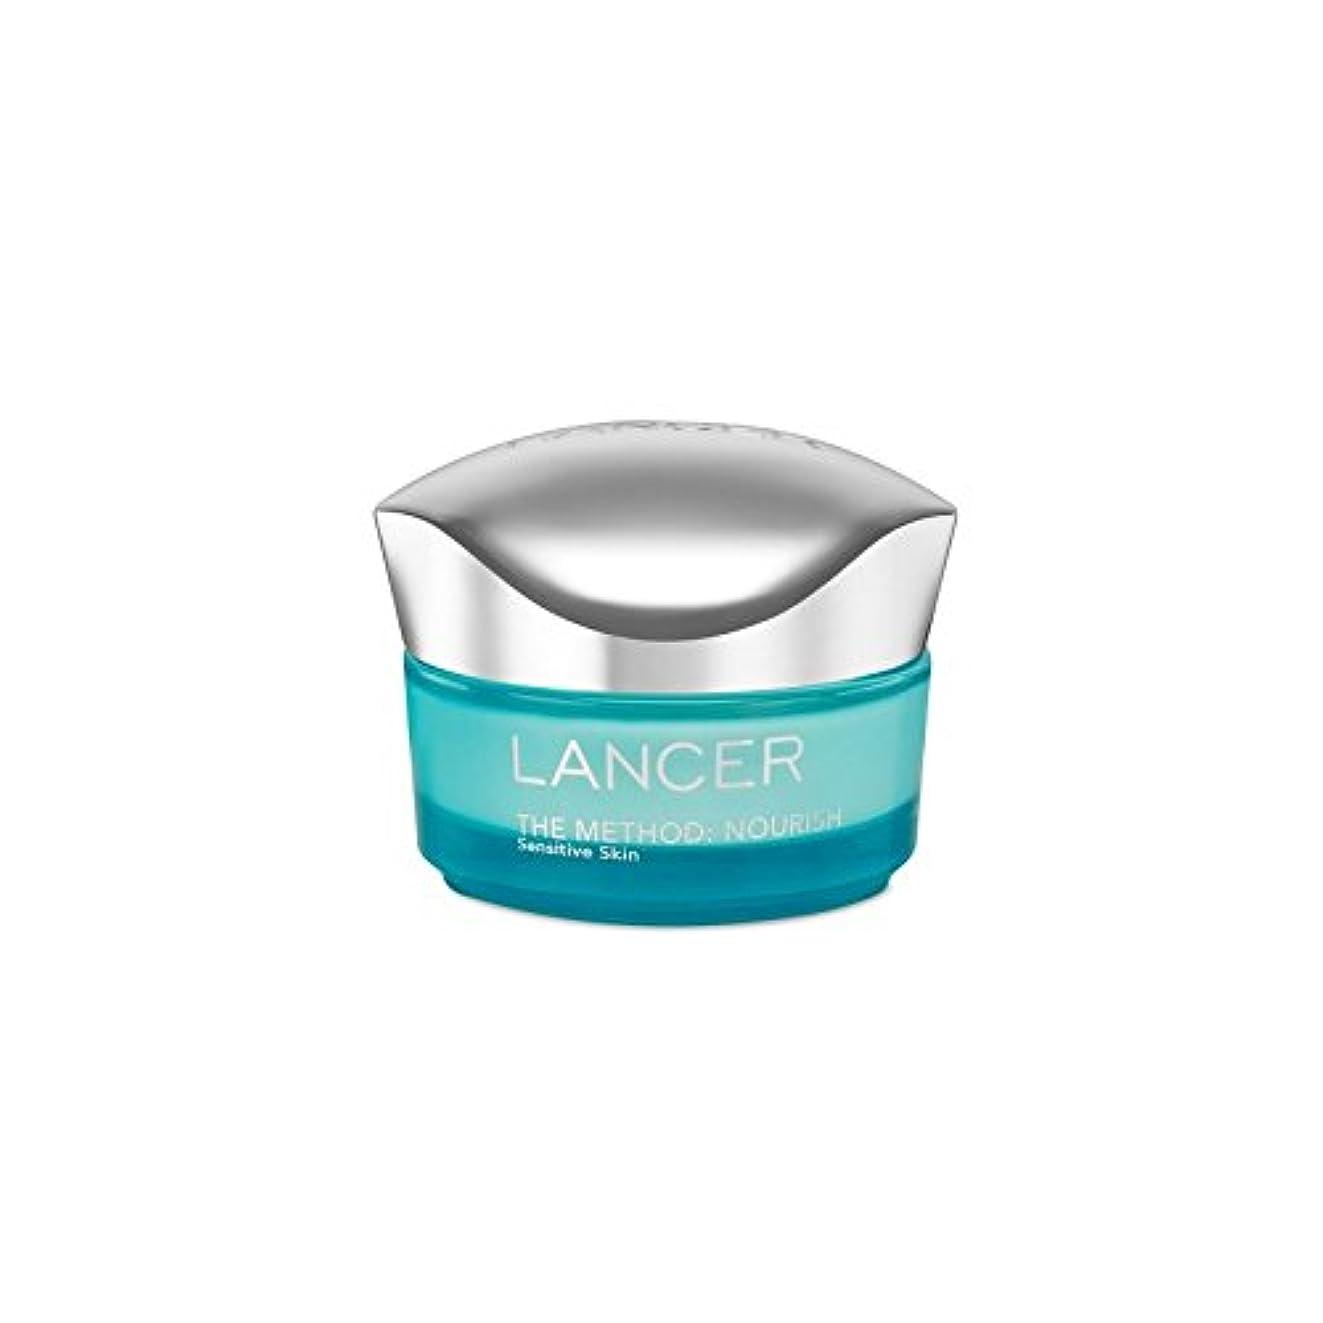 暴動年金受給者ホットLancer Skincare The Method: Nourish Moisturiser Sensitive Skin (50ml) - ランサーは、この方法をスキンケア:保湿敏感肌(50)に栄養を与えます [並行輸入品]